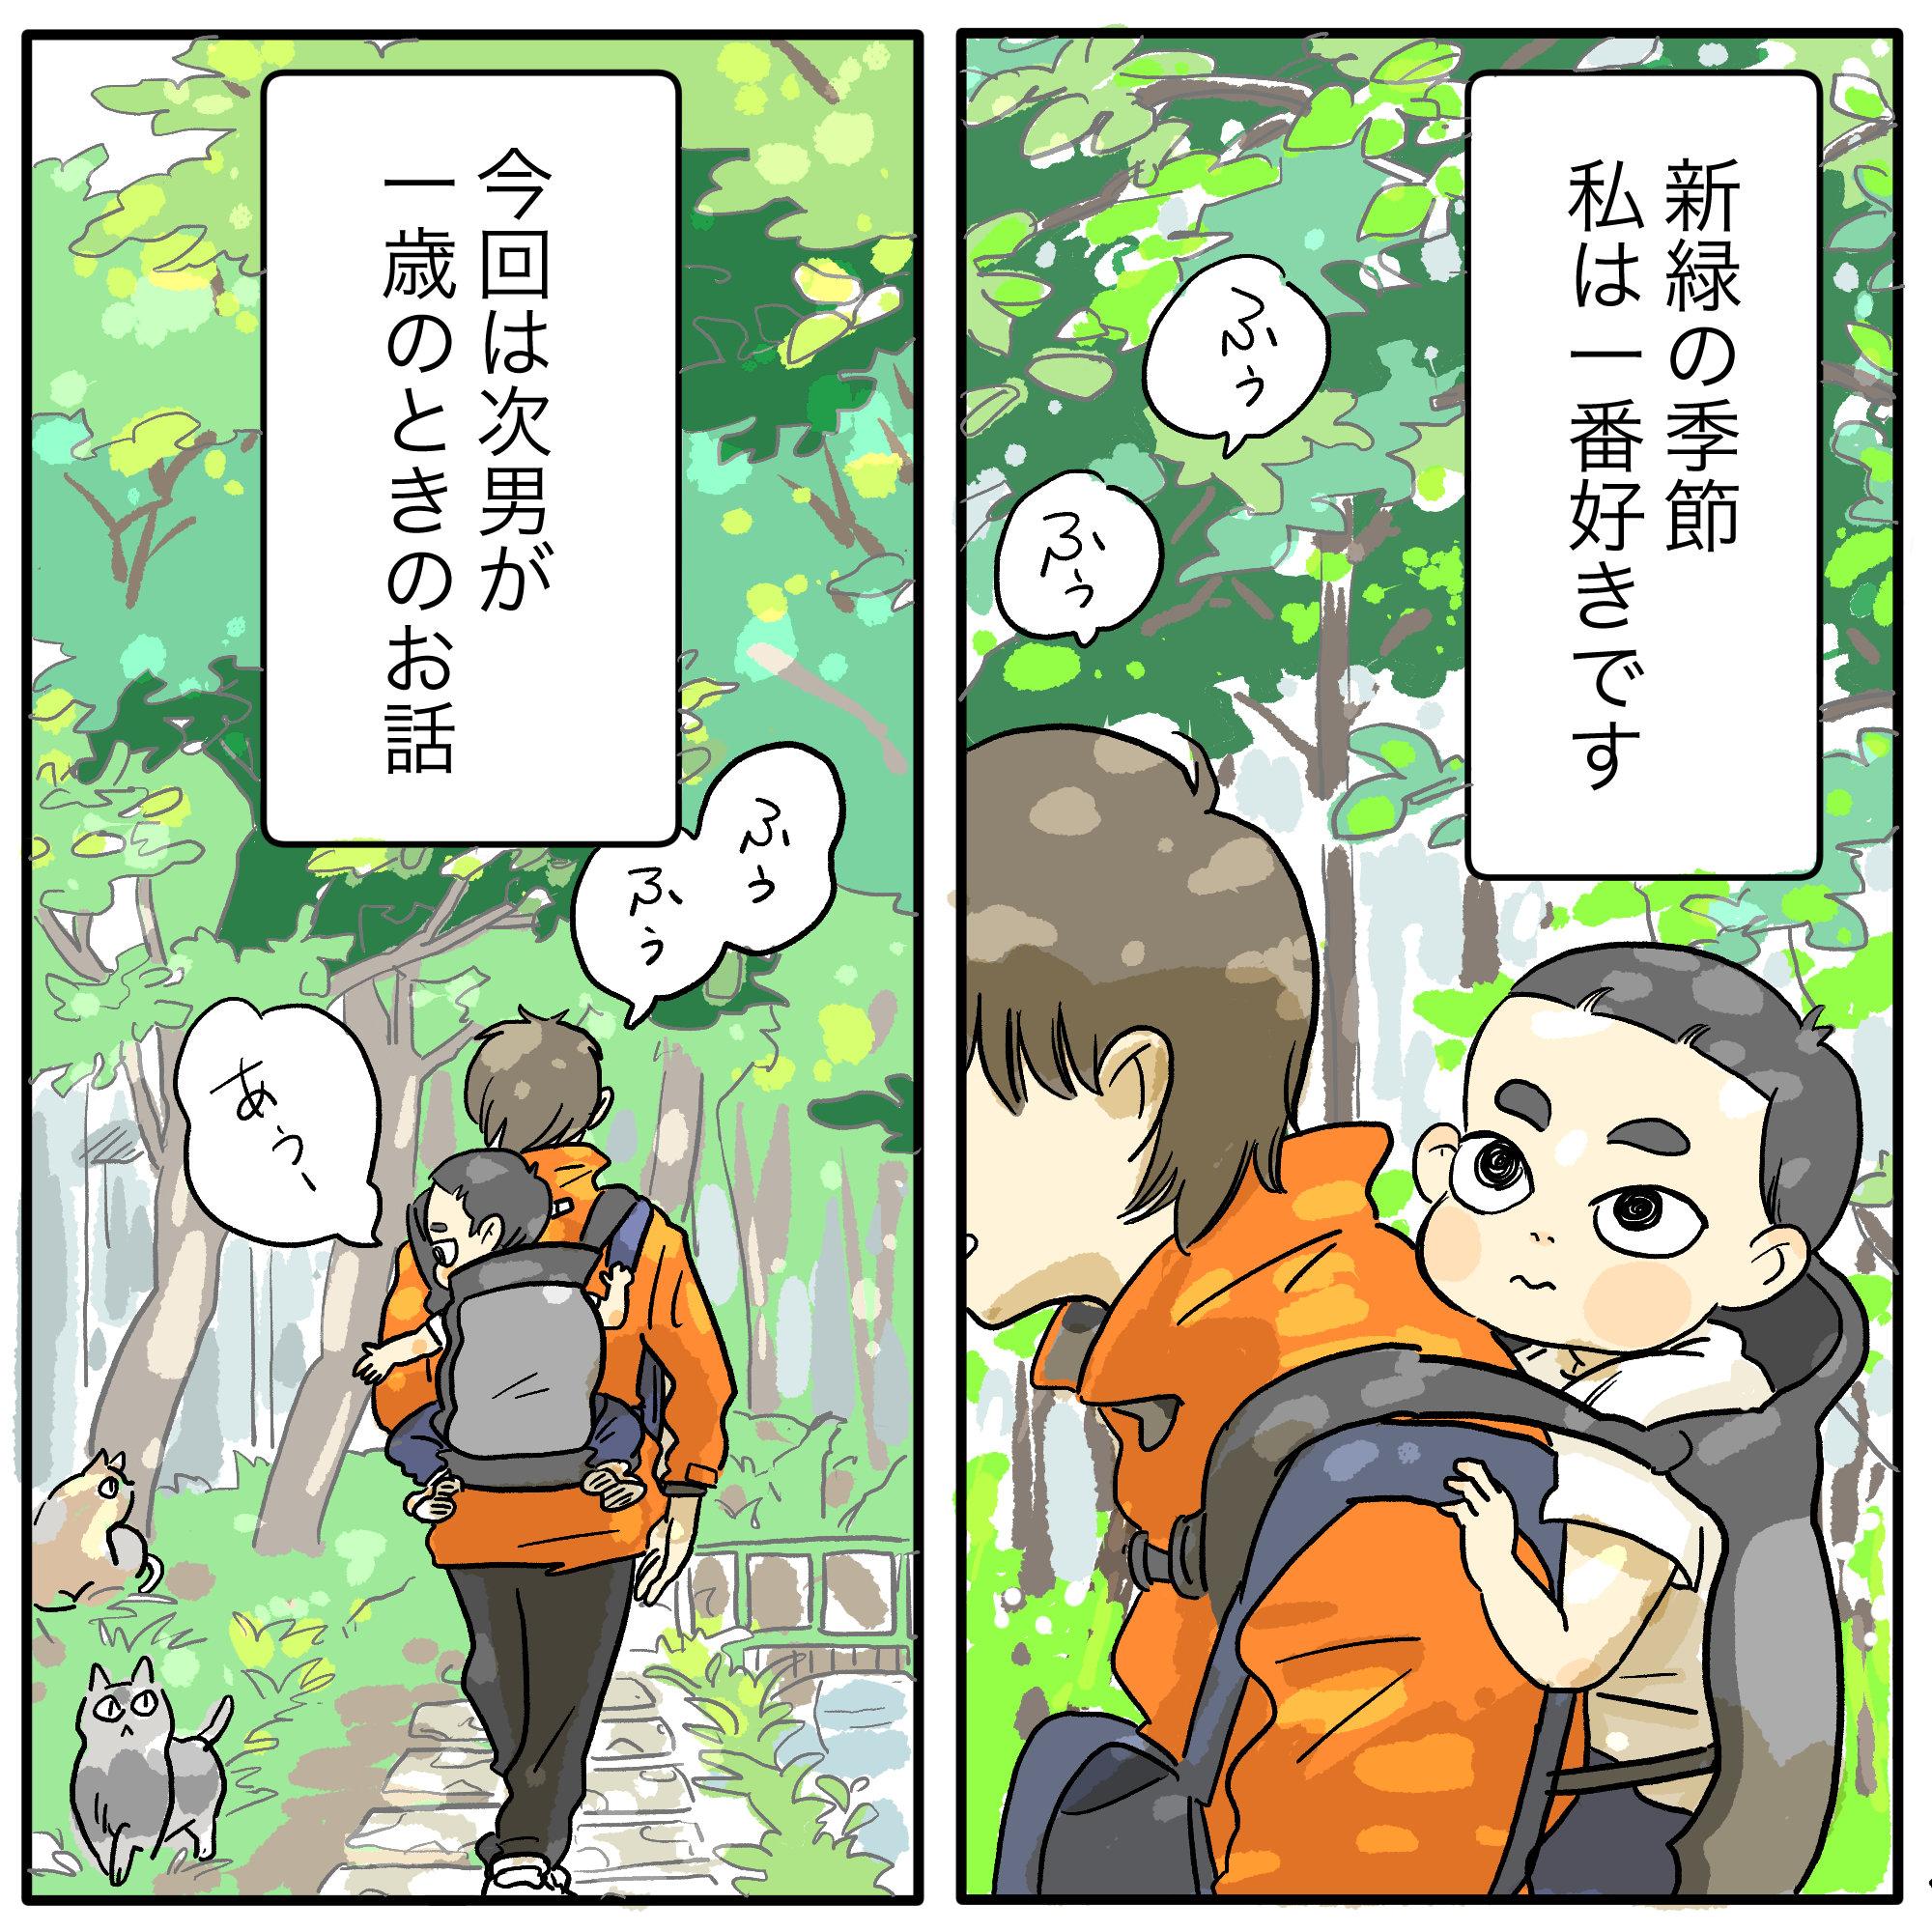 ツルリンゴスターの毎日はなまる #8「子連れハイキングのすすめ」